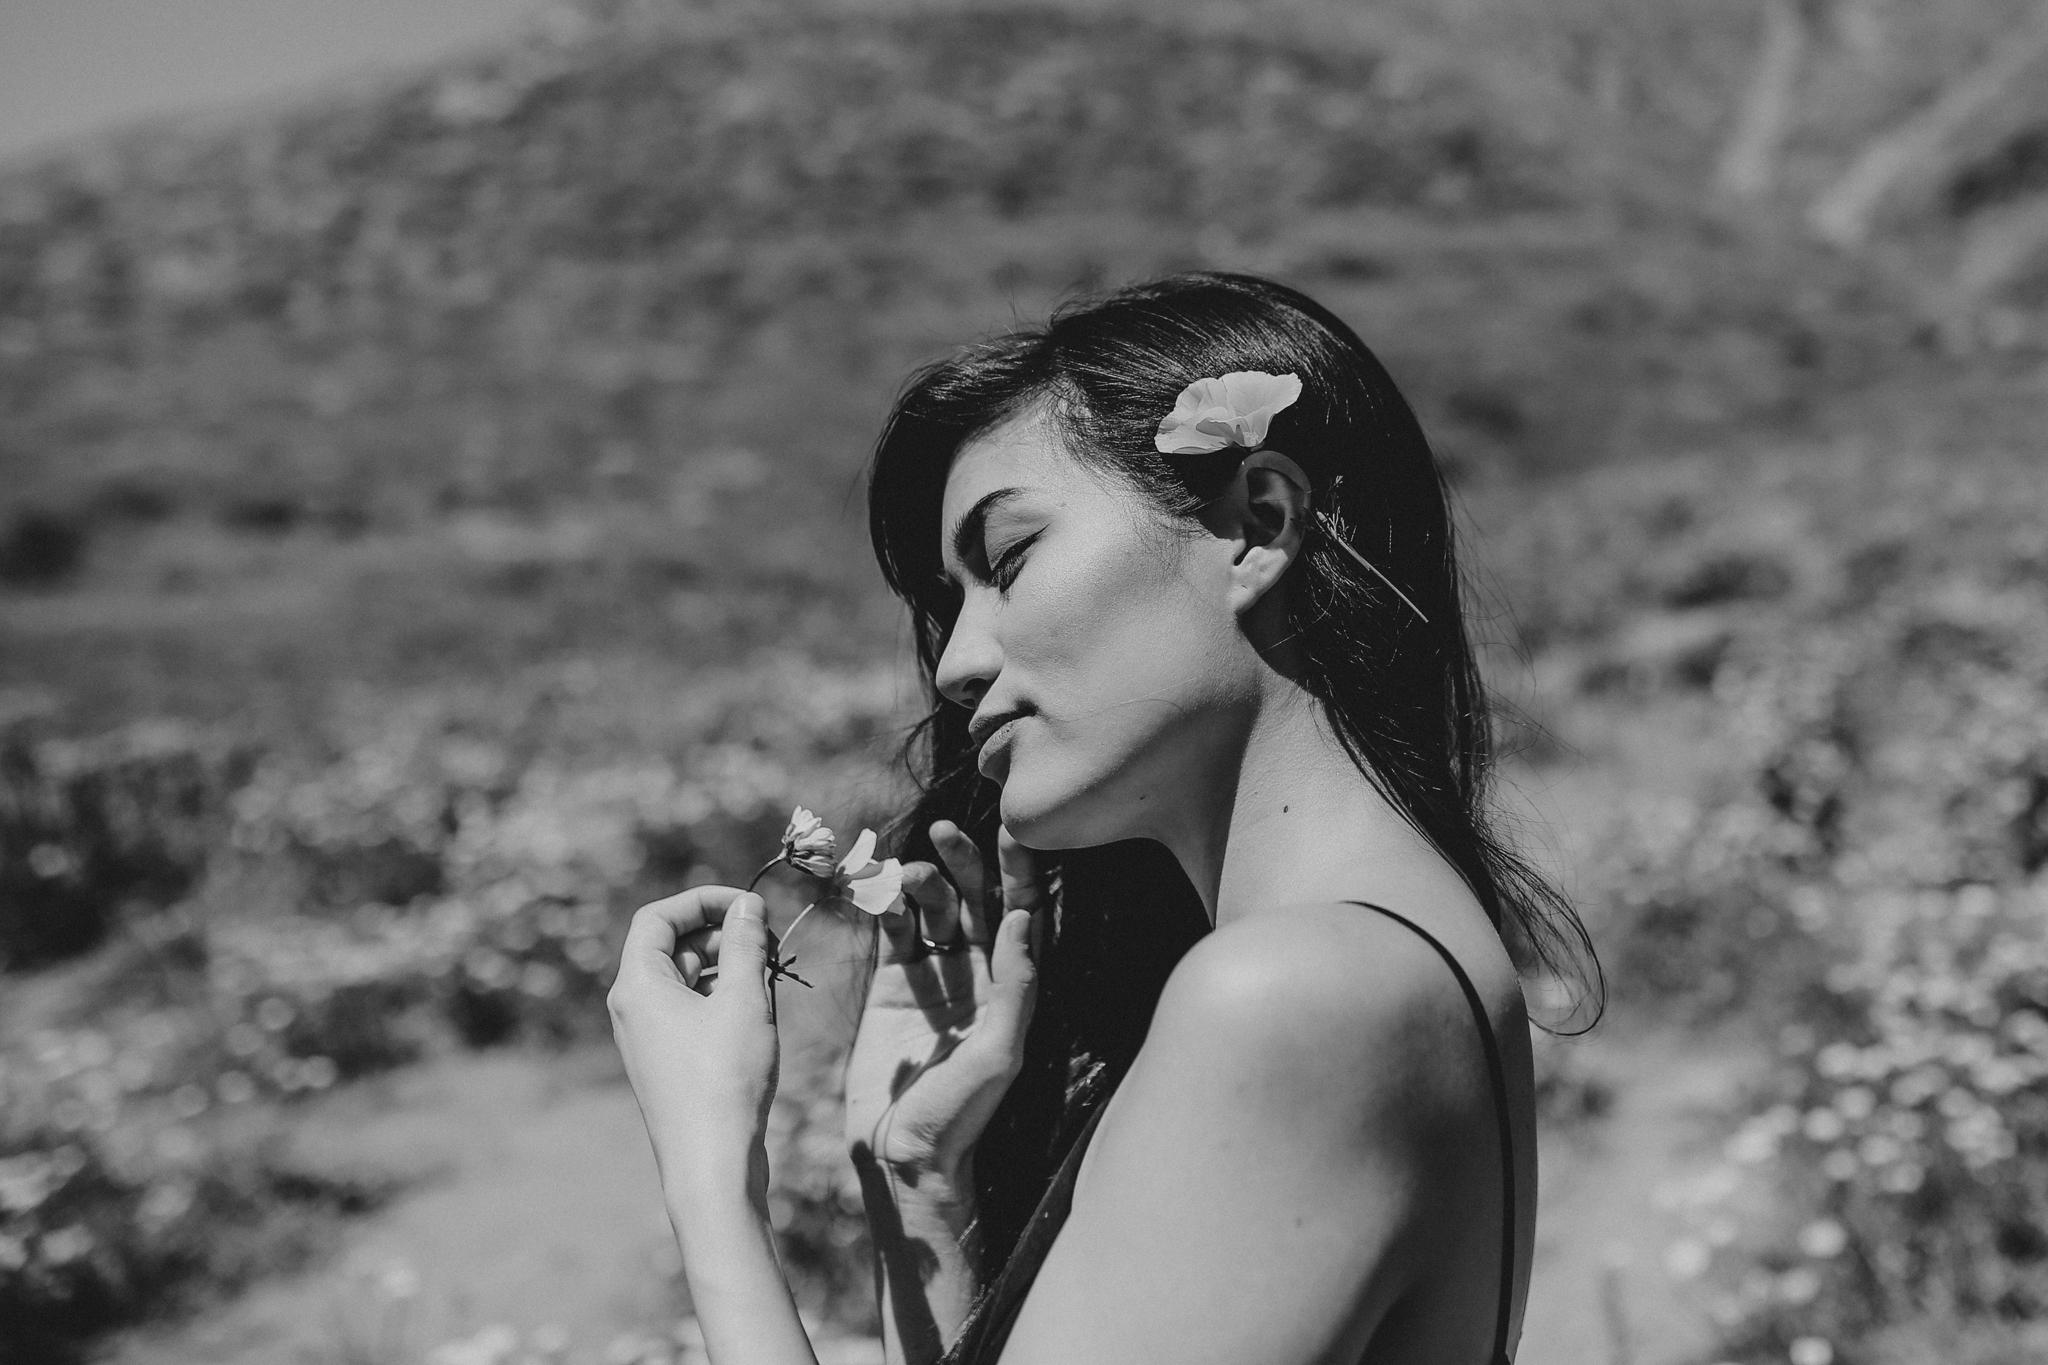 Walker Canyon - Lola